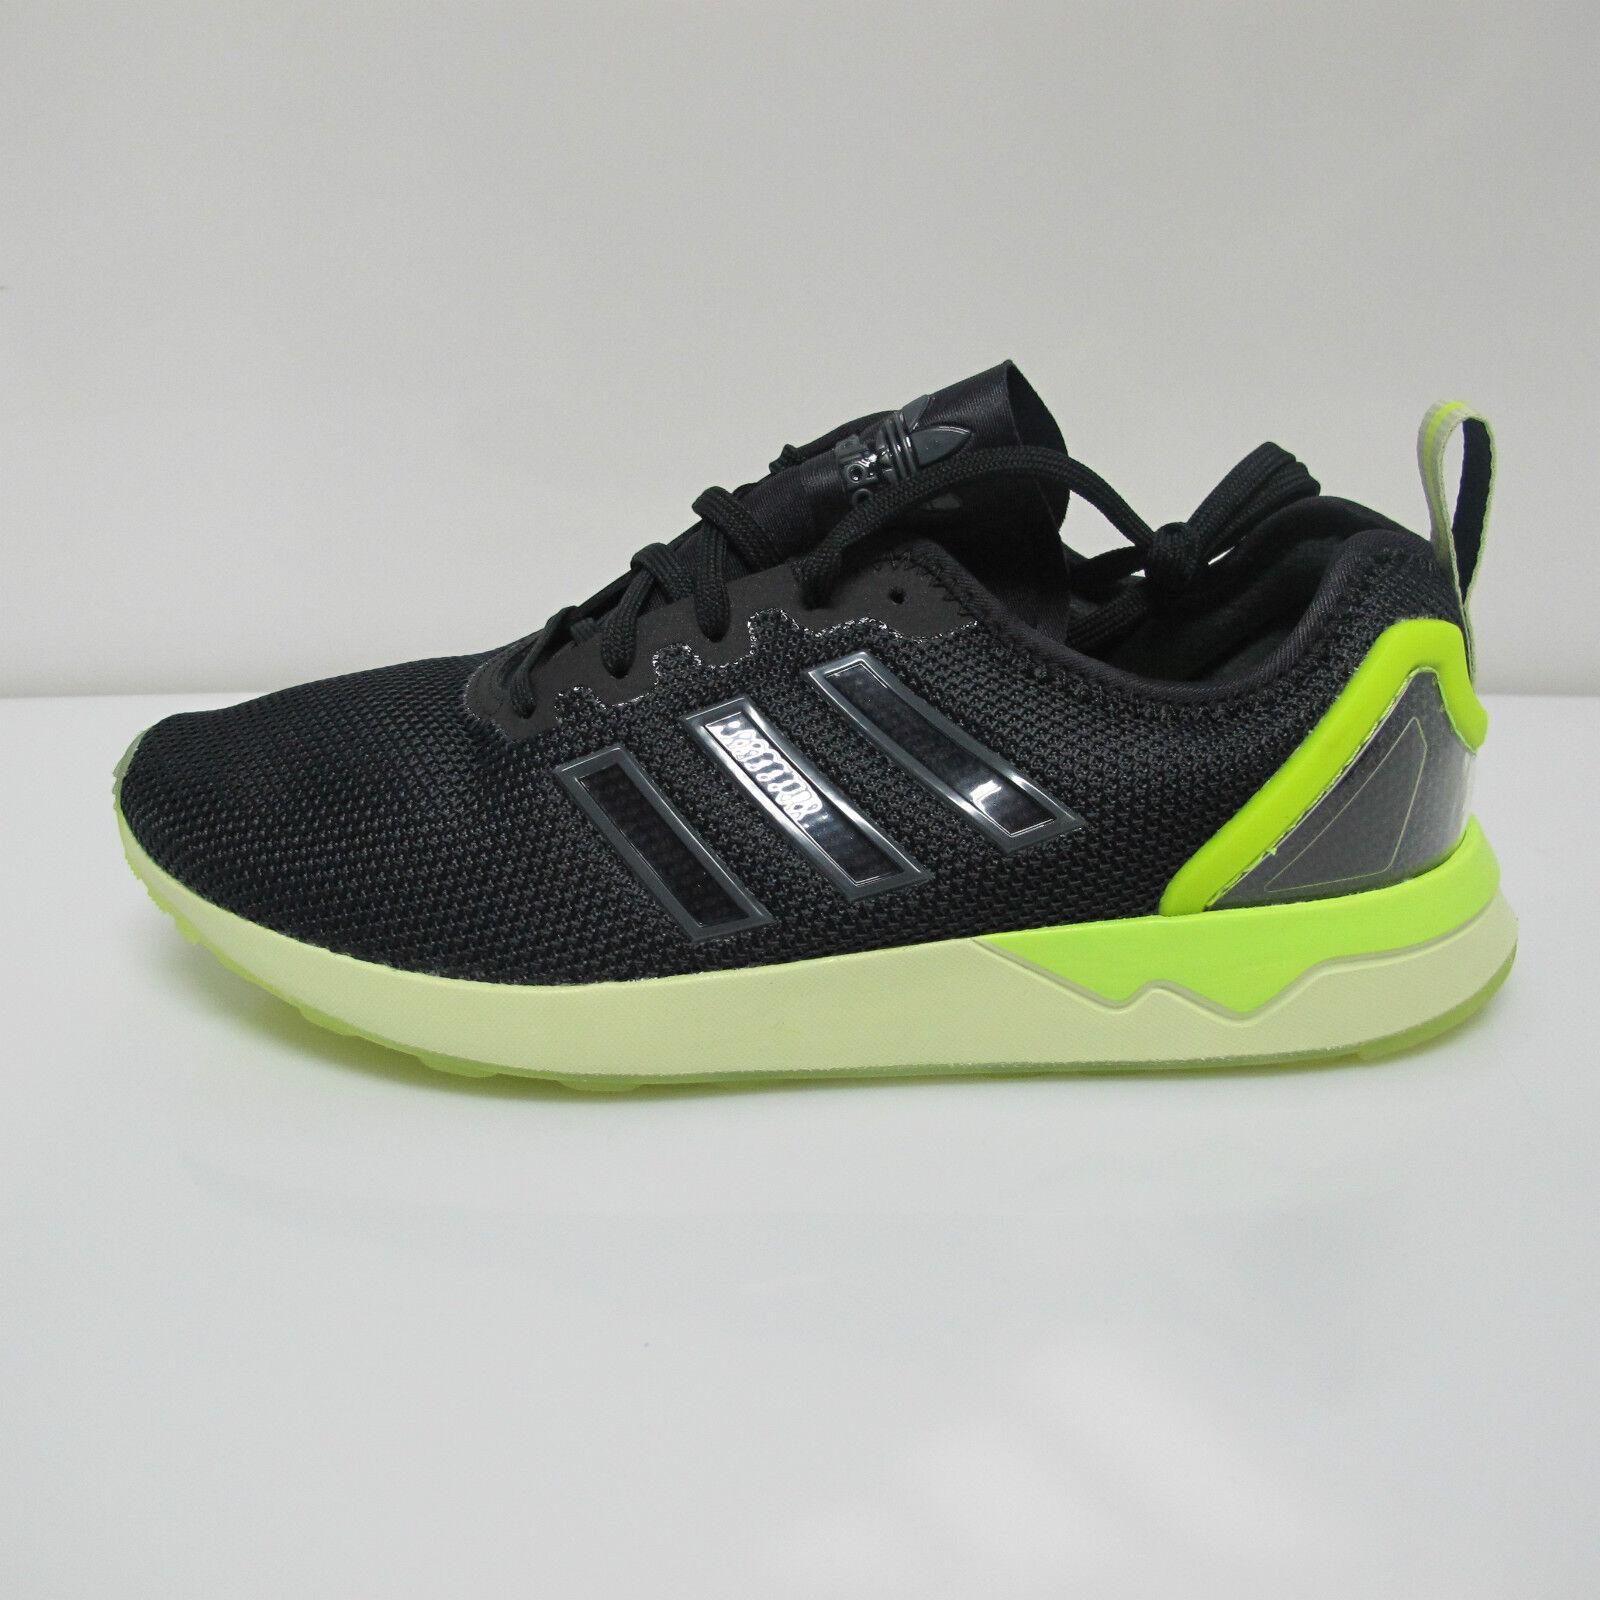 ADIDAS scarpe ginnastica uomo mod.ZX FLUX ADV AQ4906 col.NERO/GIALLO estate 2016